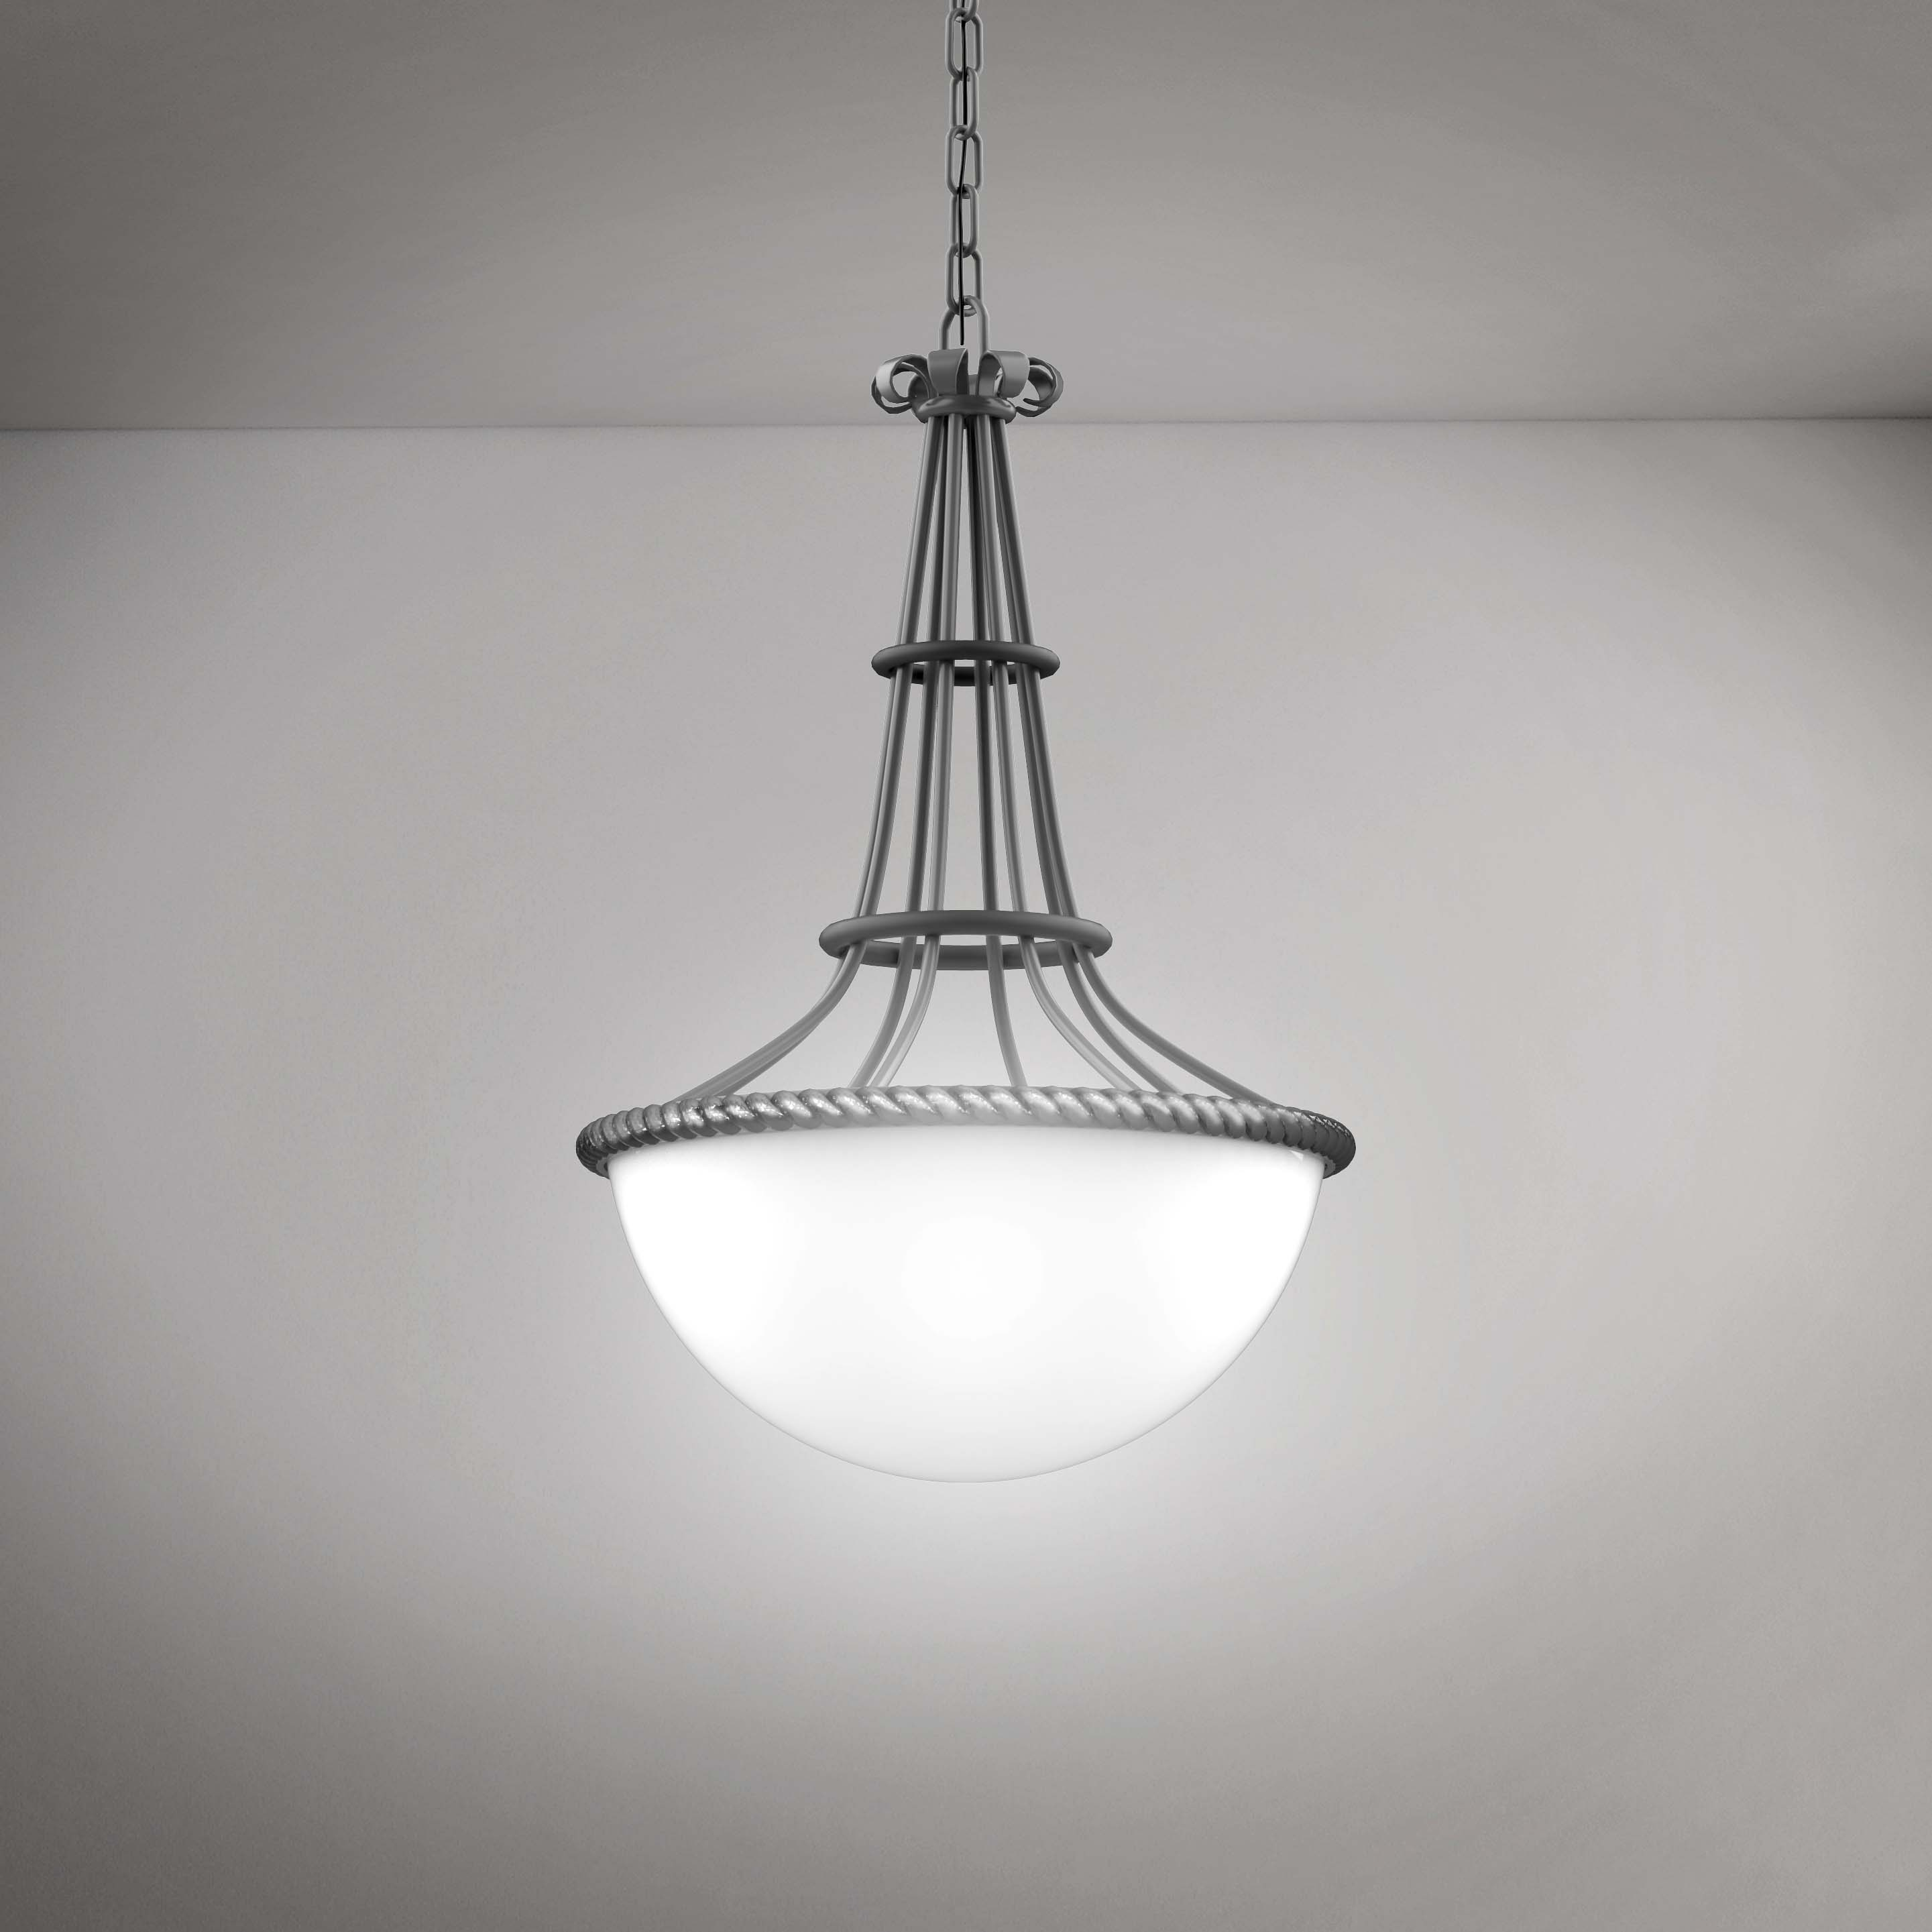 Elegant Modern Hanging Silver Chandelier - 3D Product